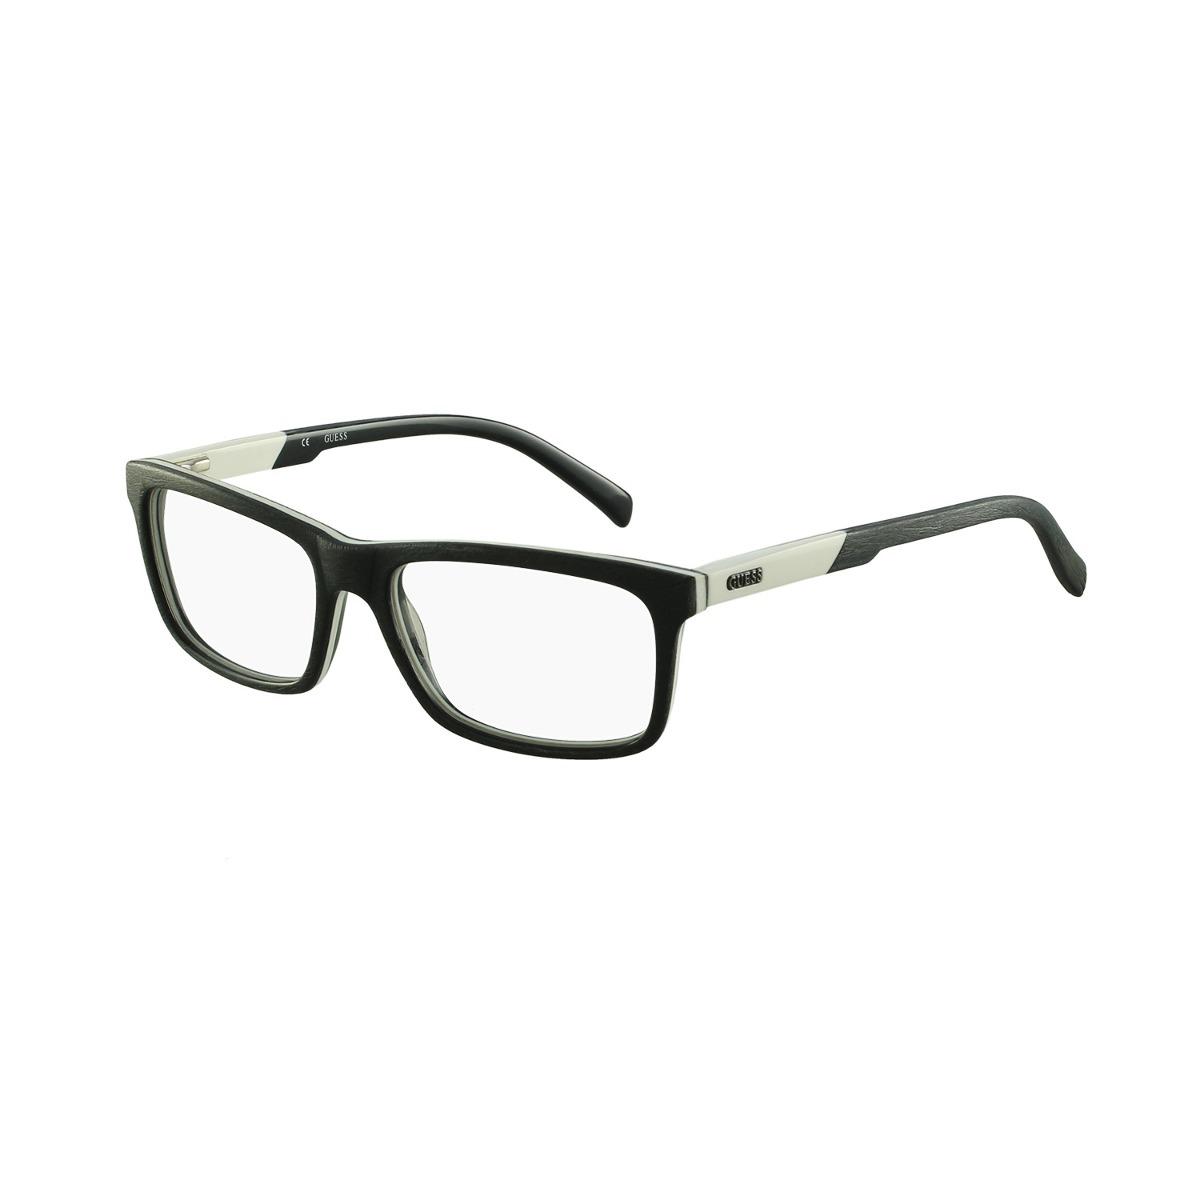 Óculos De Grau Guess Casual Preto - R  370,00 em Mercado Livre d17e41b217